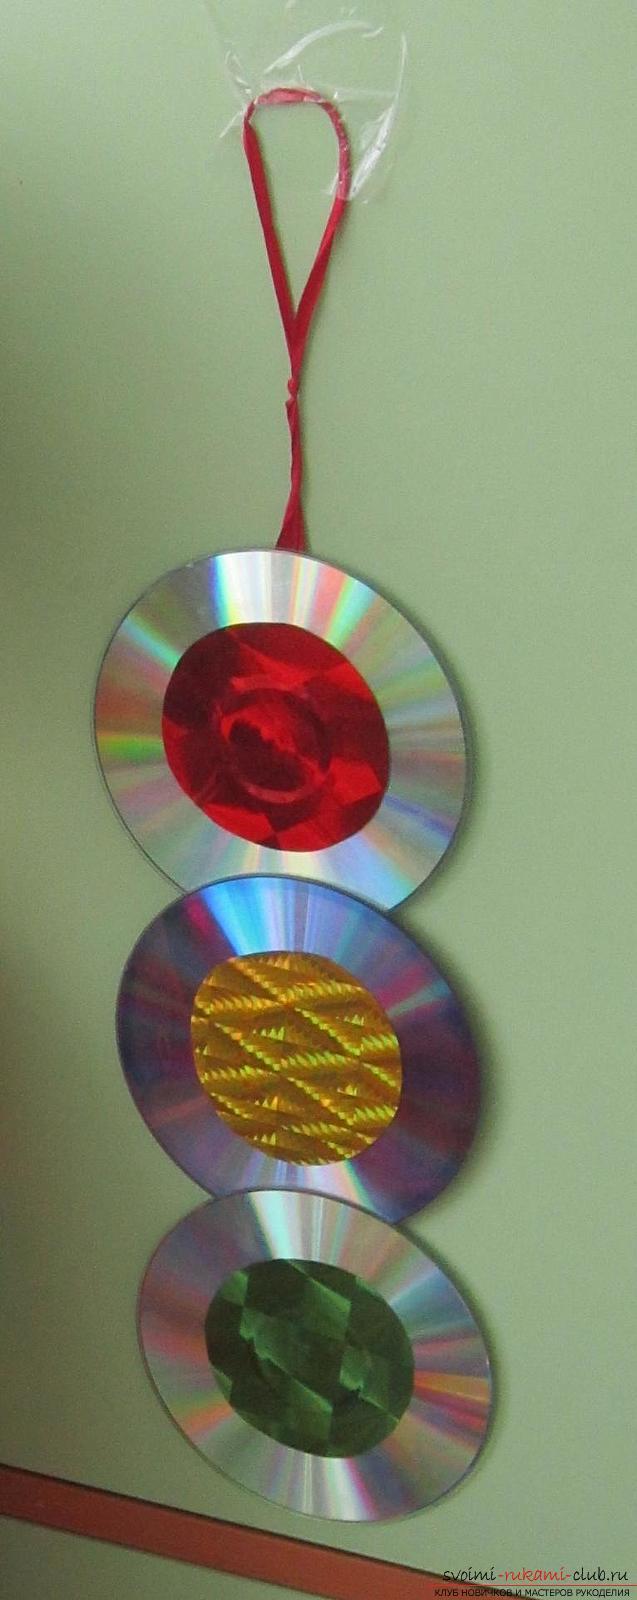 Поделка из дисков своими руками для детского сада